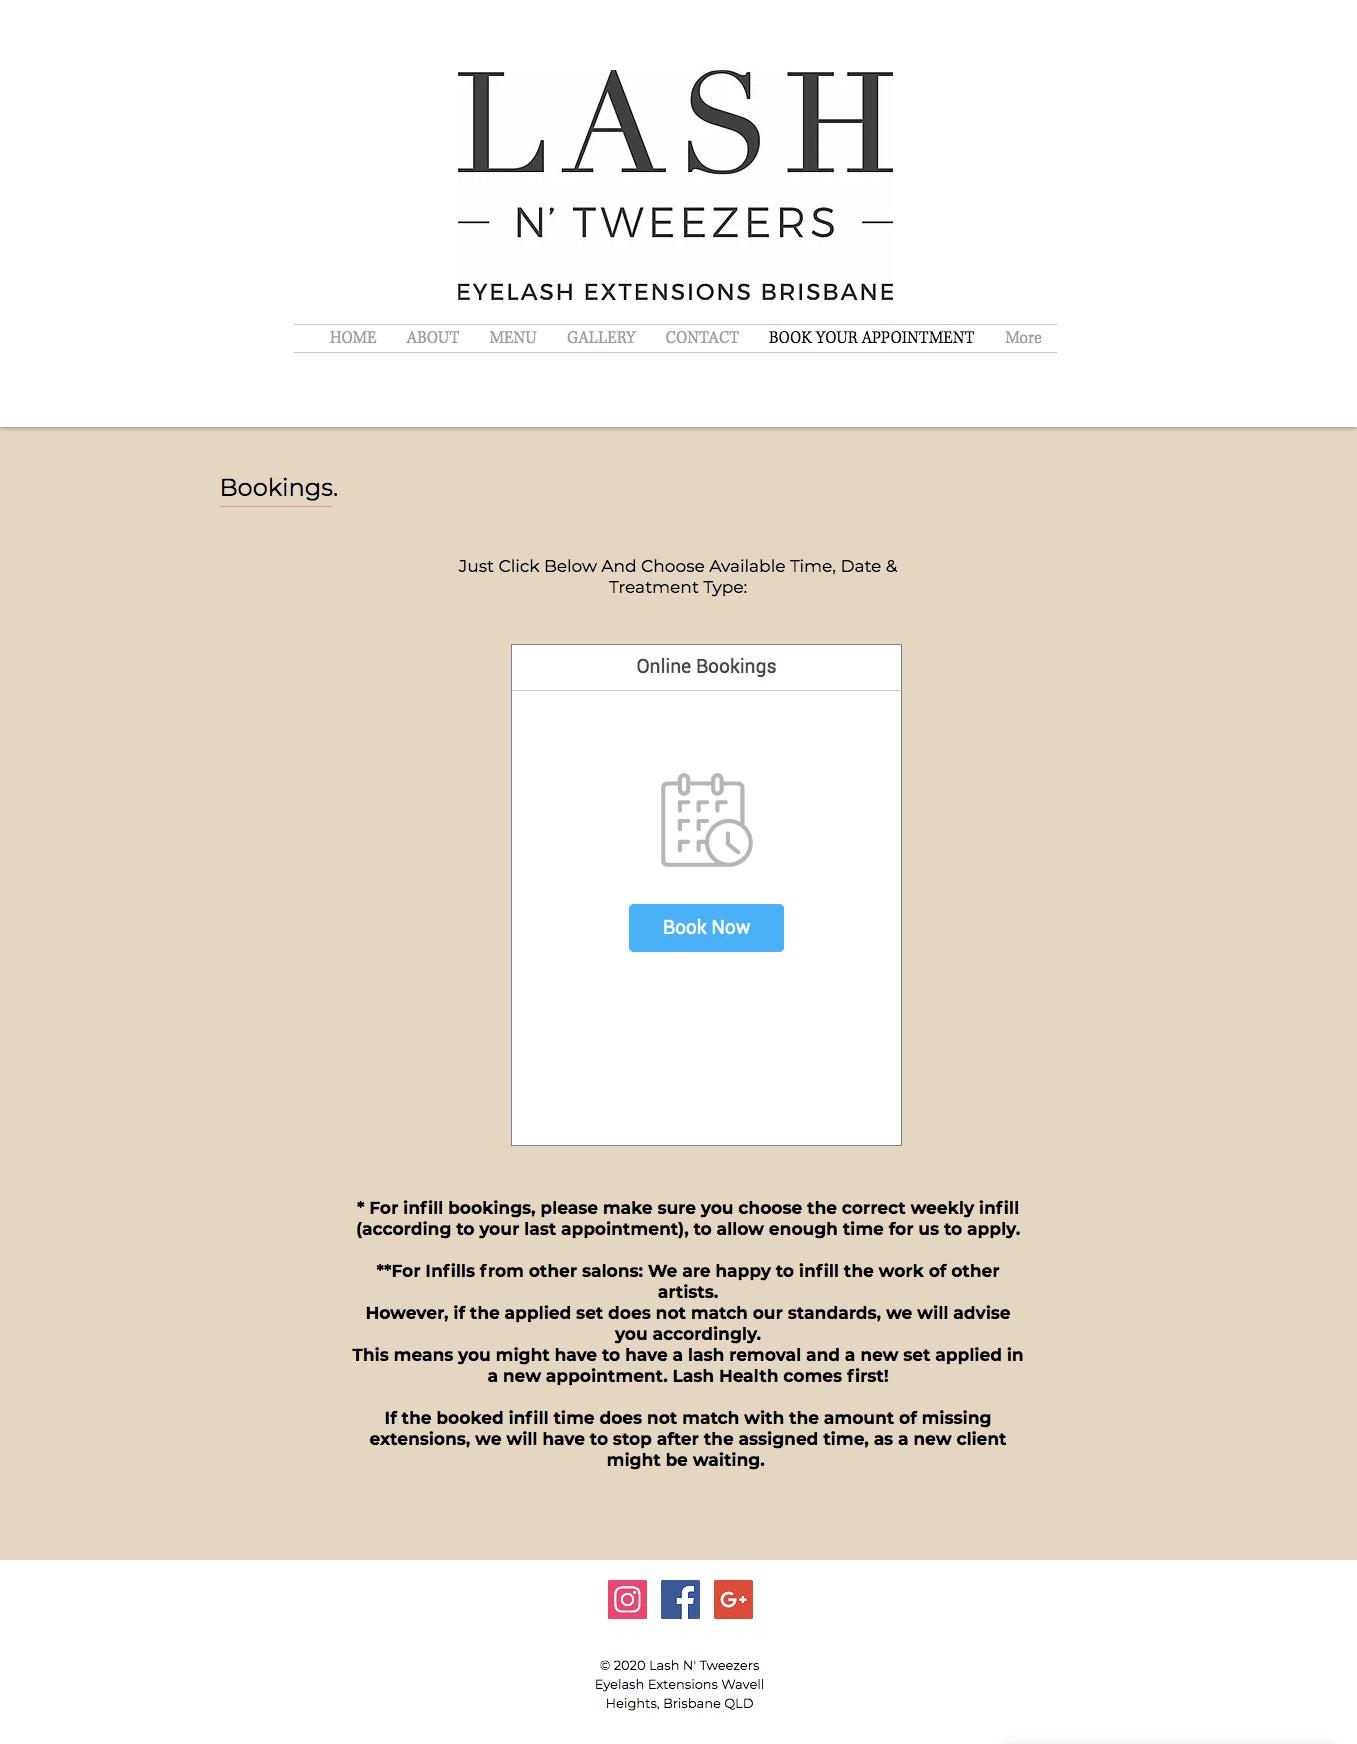 Old website design for Lash N Tweezers